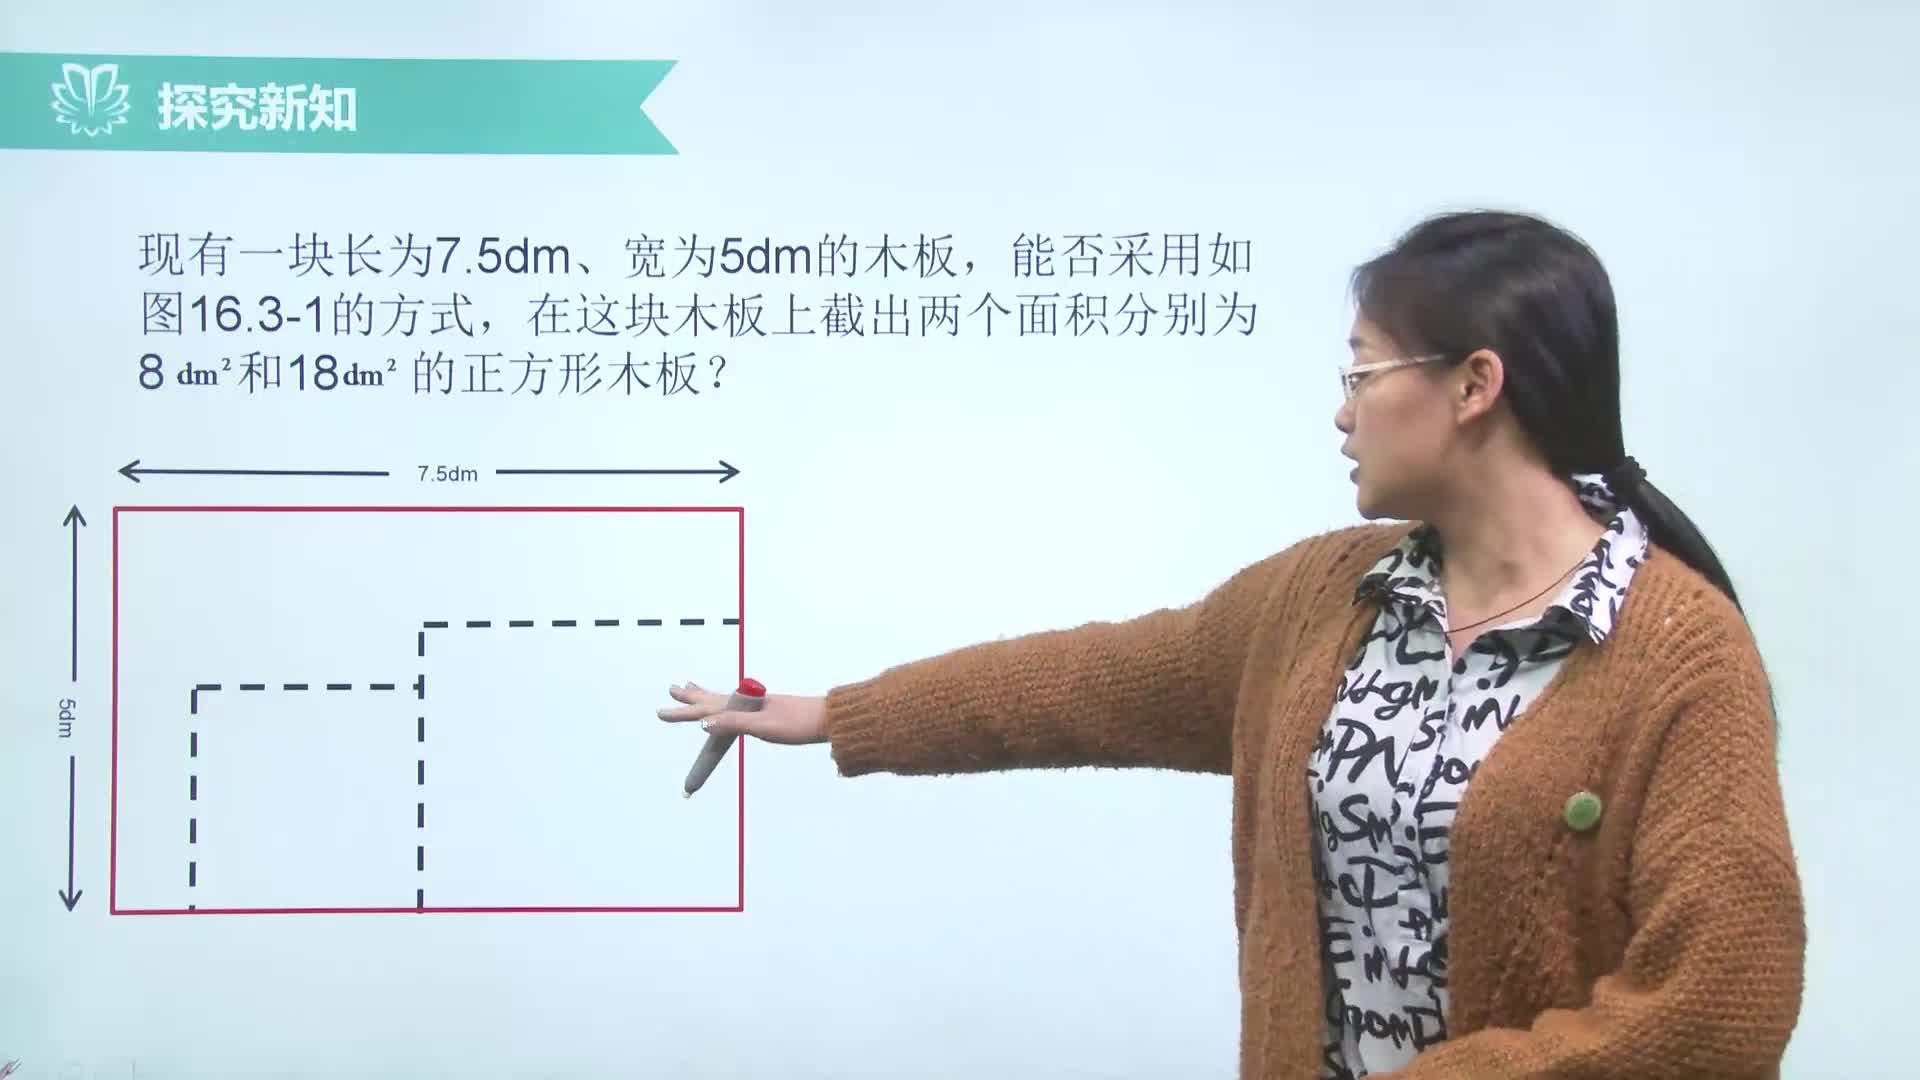 视频16.3二次根式的加减(1)一般法则-【慕联】初中完全同步系列人教版数学八年级下册视频16.3二次根式的加减(1)一般法则-【慕联】初中完全同步系列人教版数学八年级下册 [来自e网通客户端]